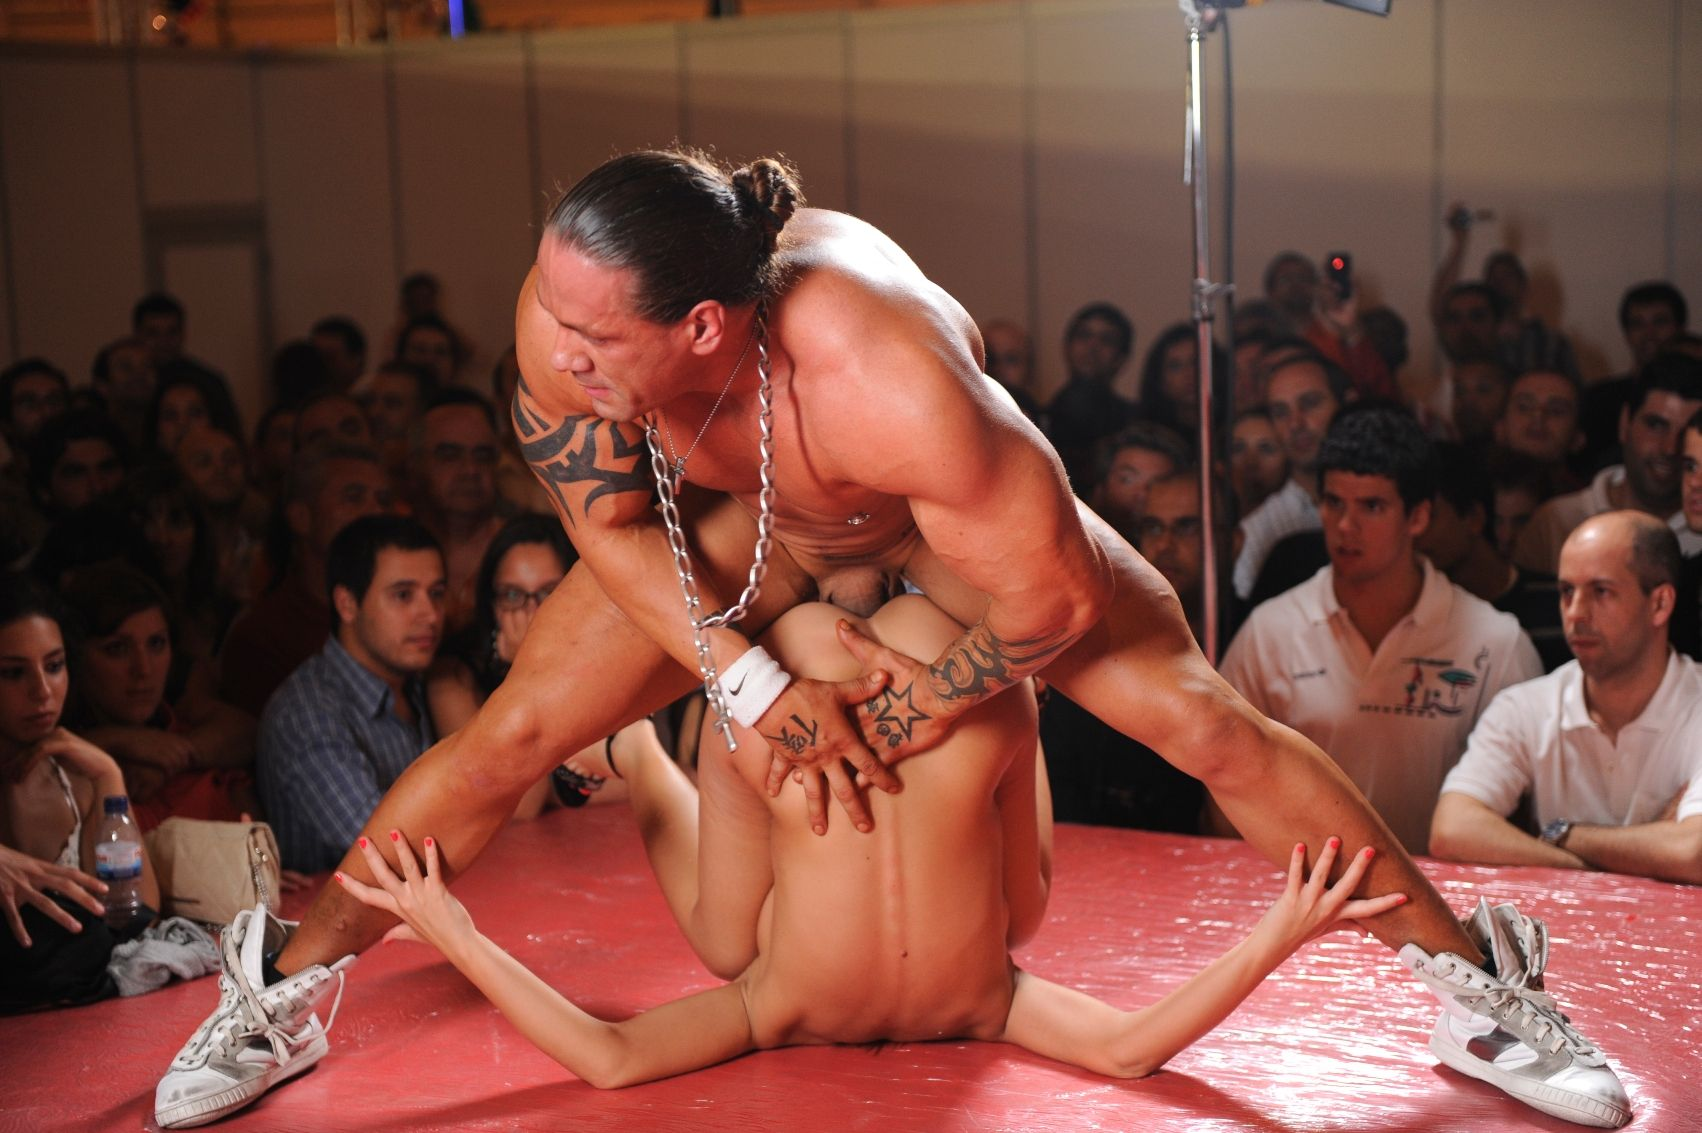 Секс шоу на сцене смотреть онлайн 26 фотография